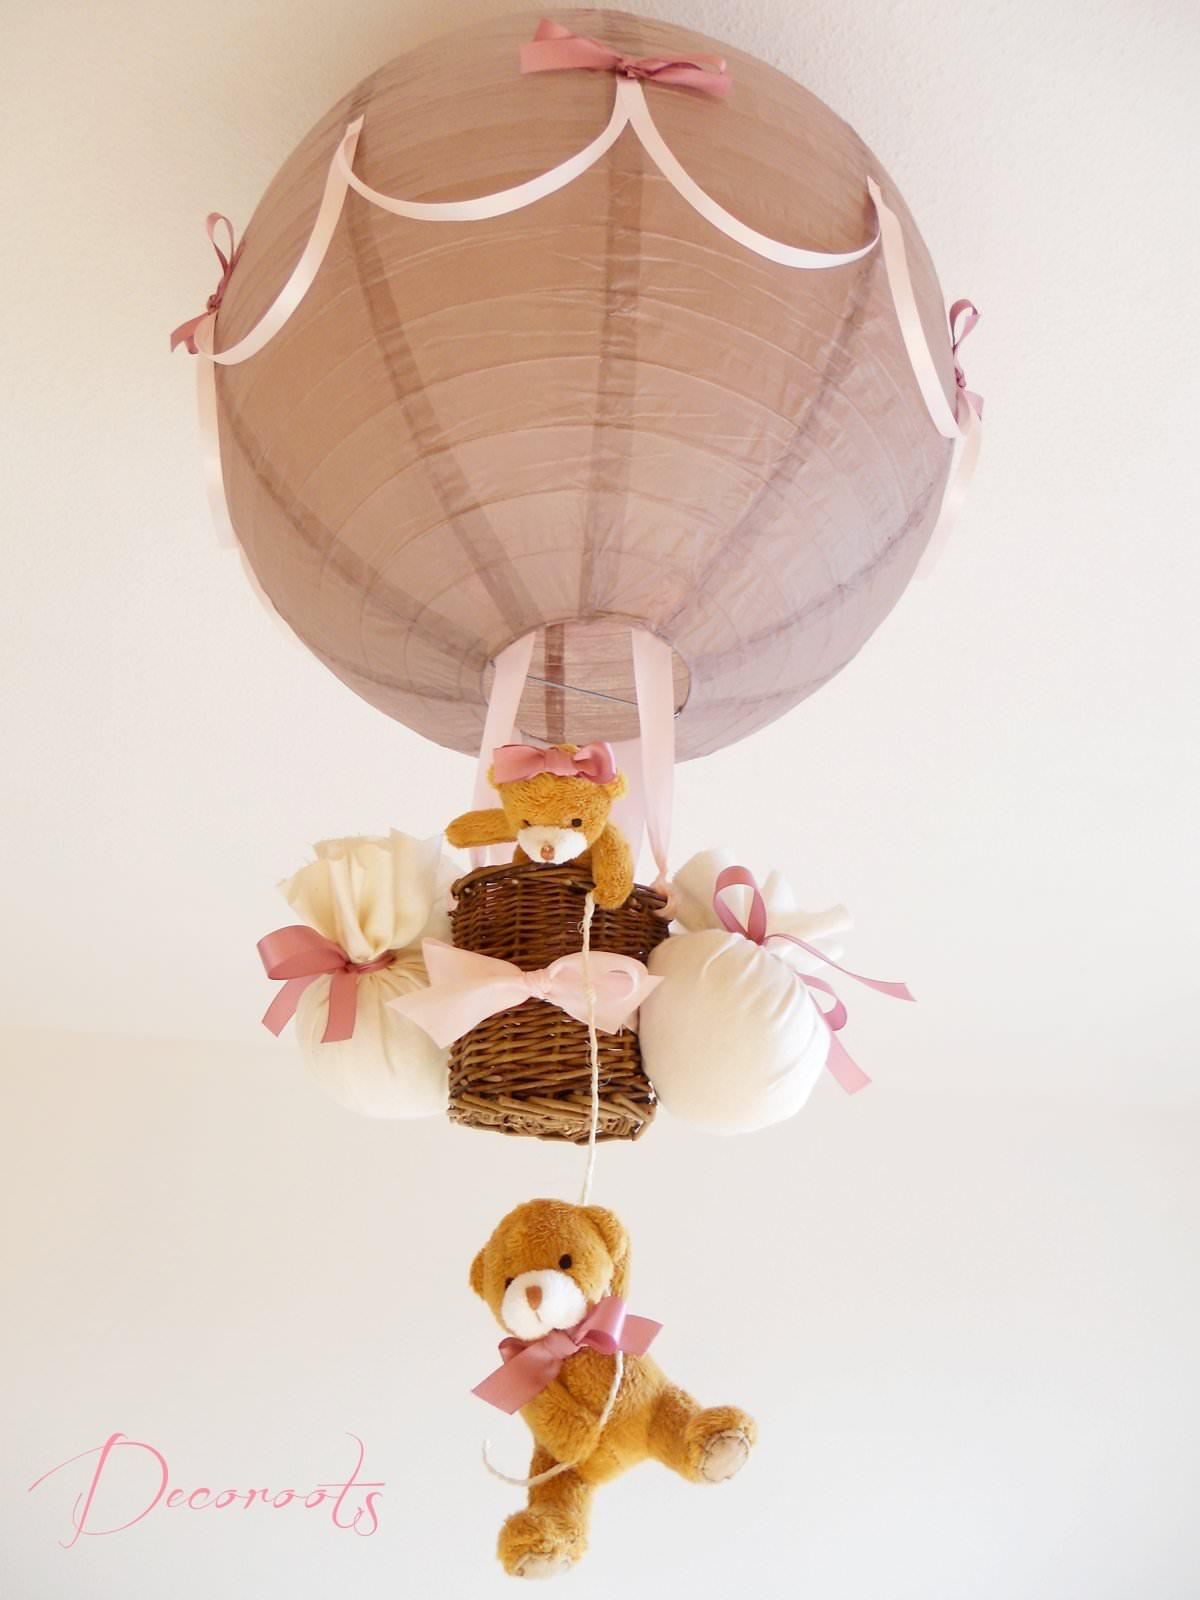 Lampe montgolfi re fille taupe et rose enfant b b luminaire enfant b b decoroots Abat jour chambre enfant